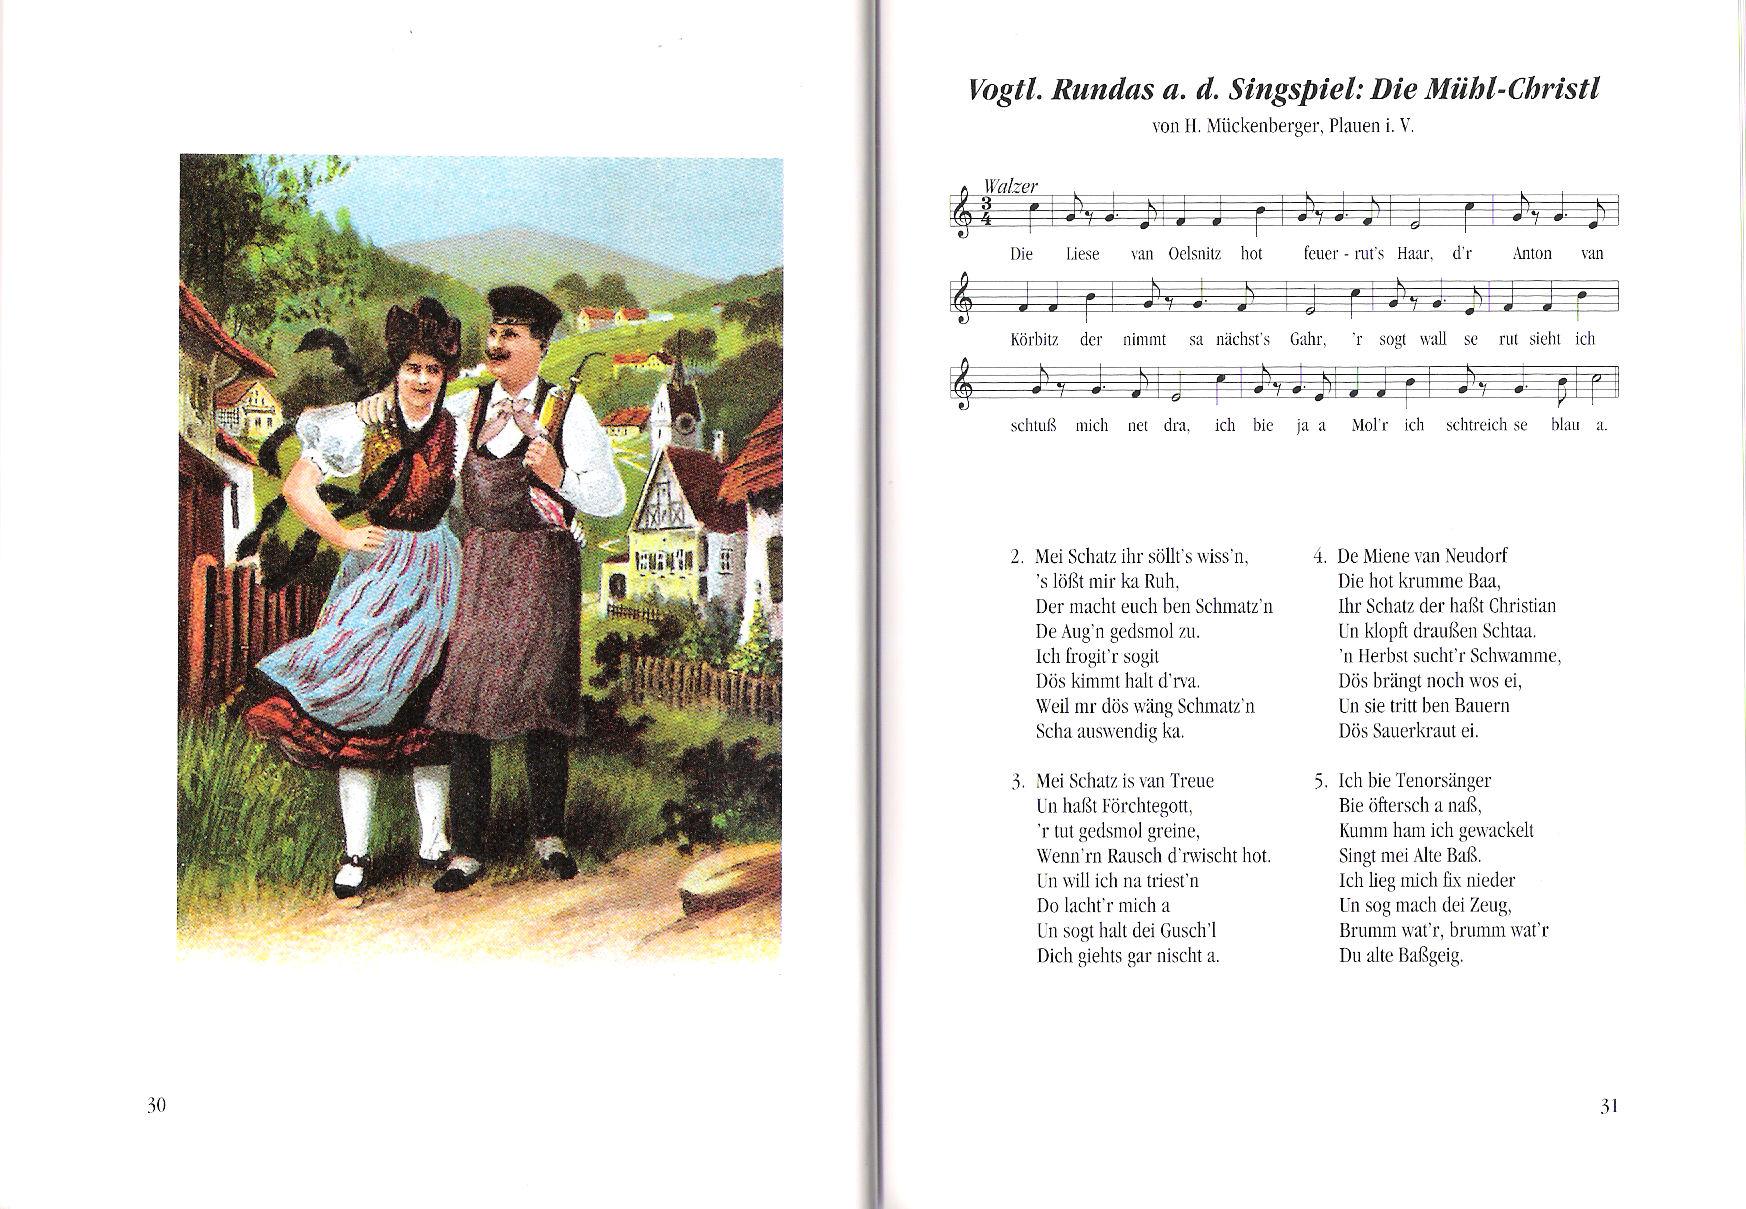 Vogtl. Rundas a.d. Singspiel Die Mühl-Christl